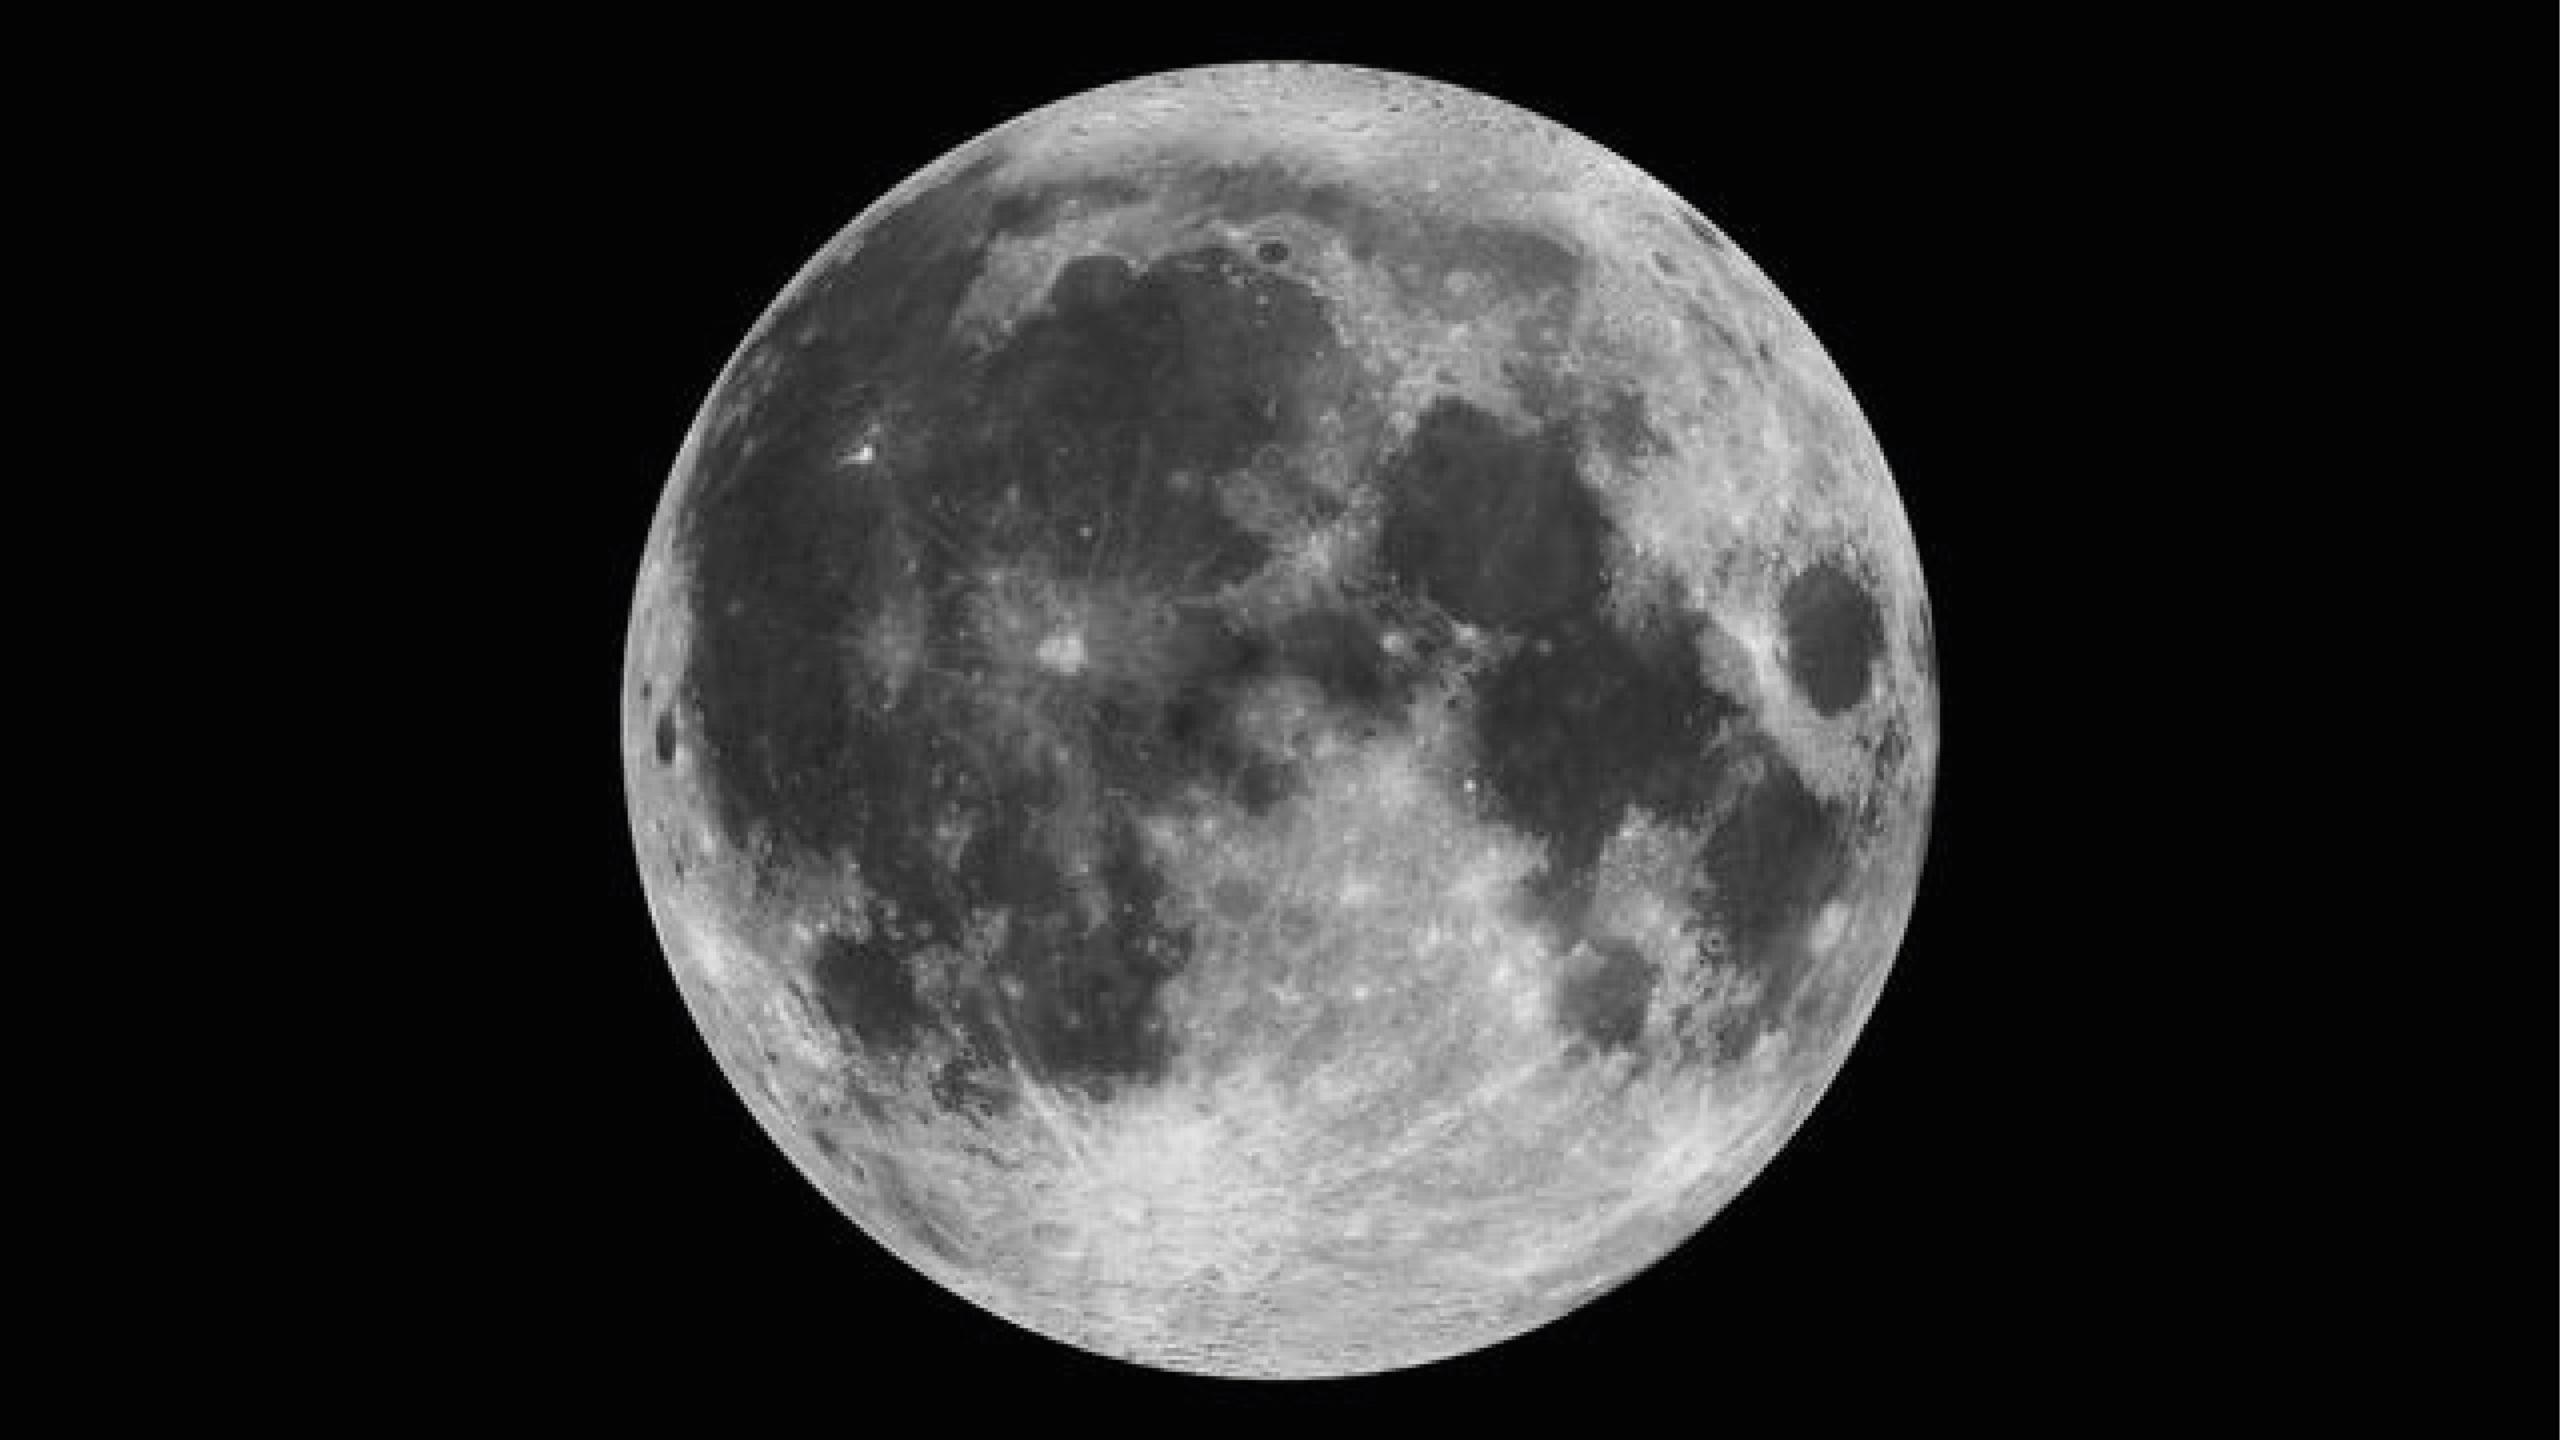 Musk y Bezos, en disputa por contrato para misión a la Luna